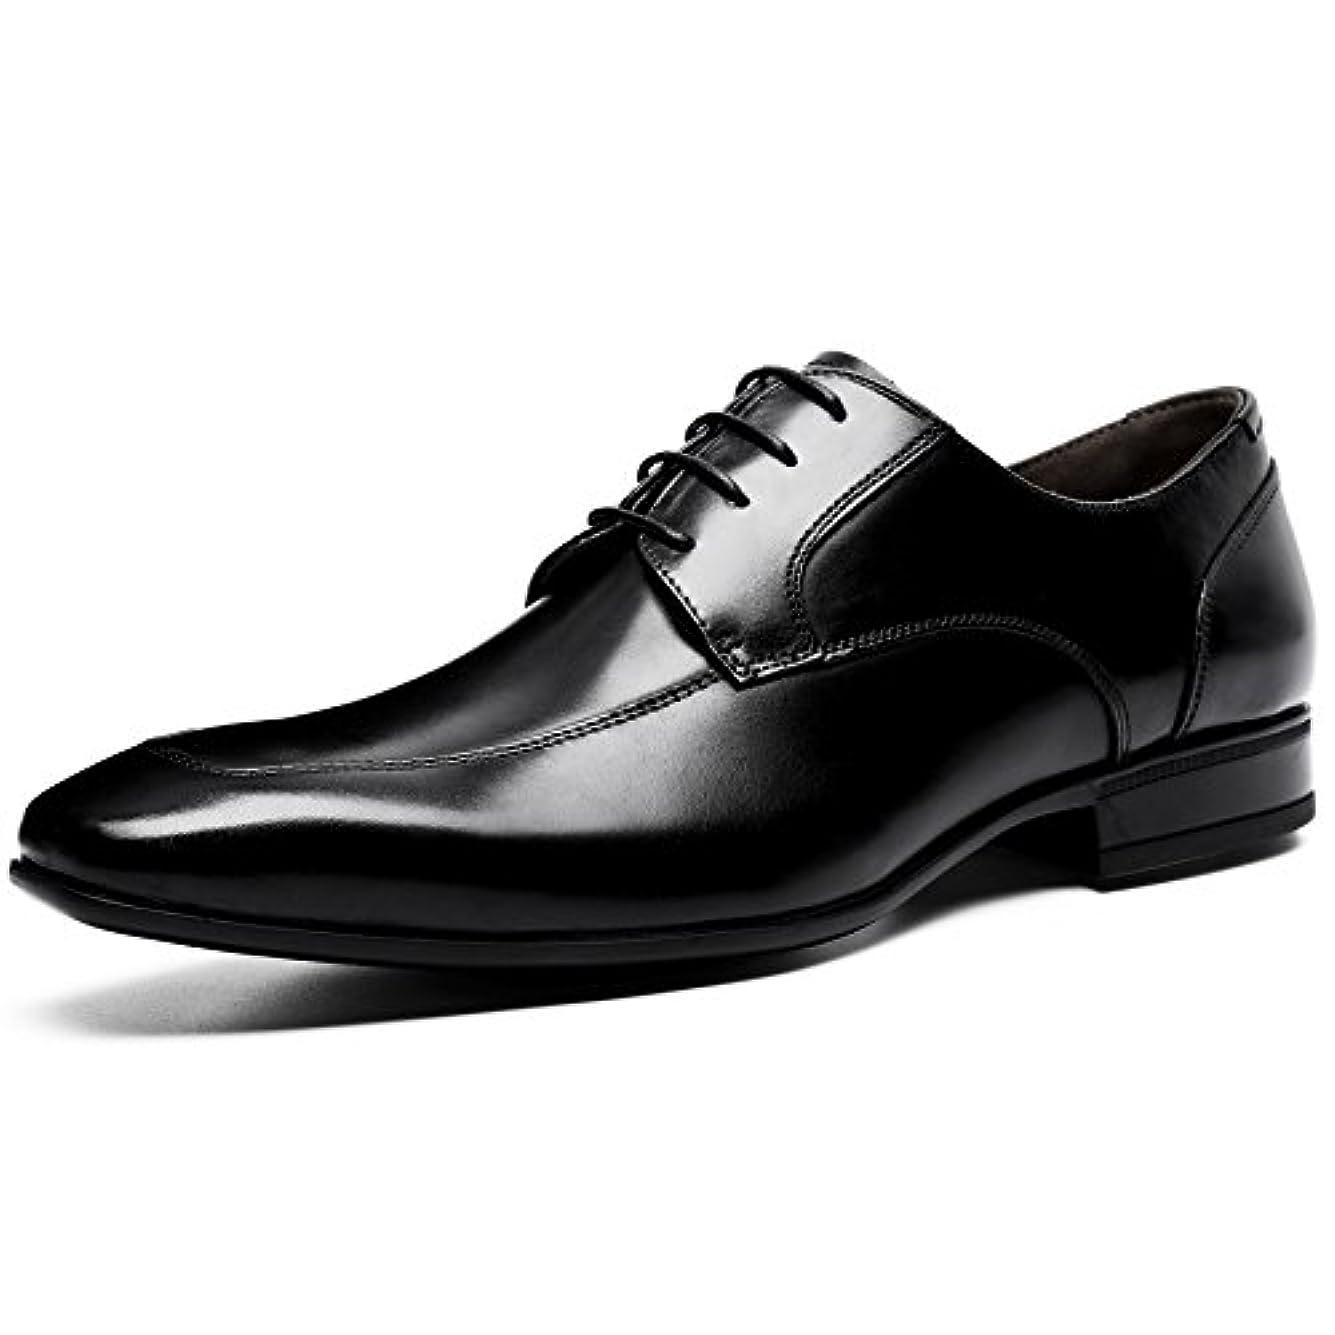 ドリンクヨーロッパ等しい(フォクスセンス) Foxsense ビジネスシューズ 紳士靴 革靴 ロングノーズ 本革